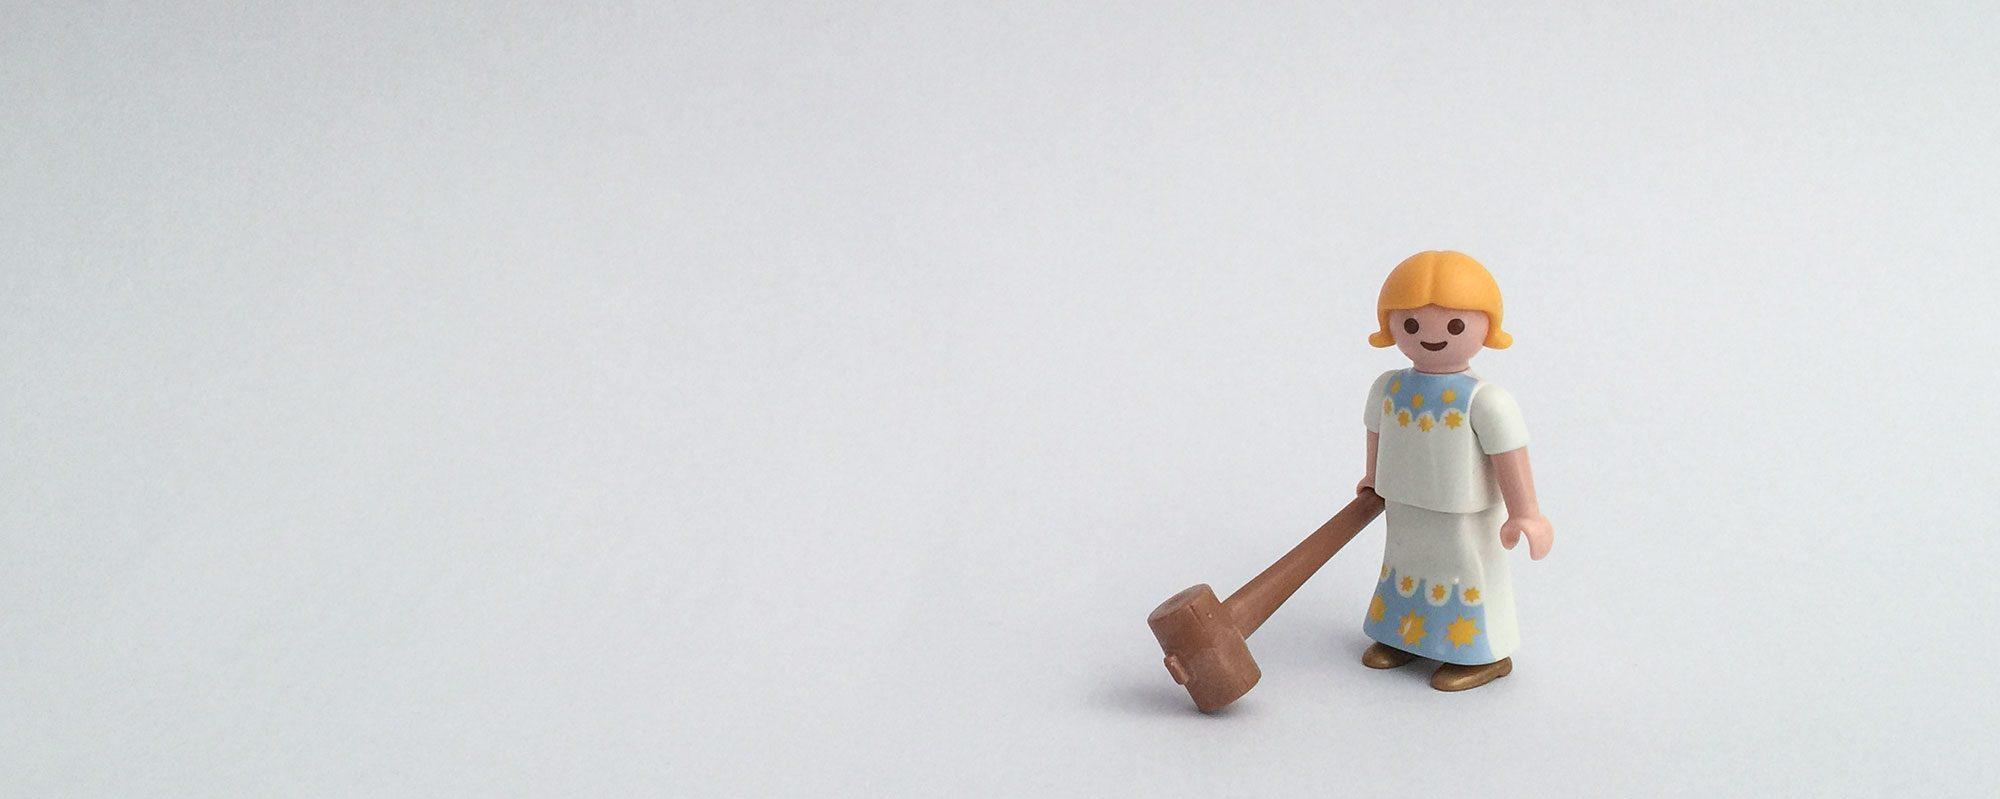 Themen der Pubertät: Wahn, Zerstörung und Aufbau